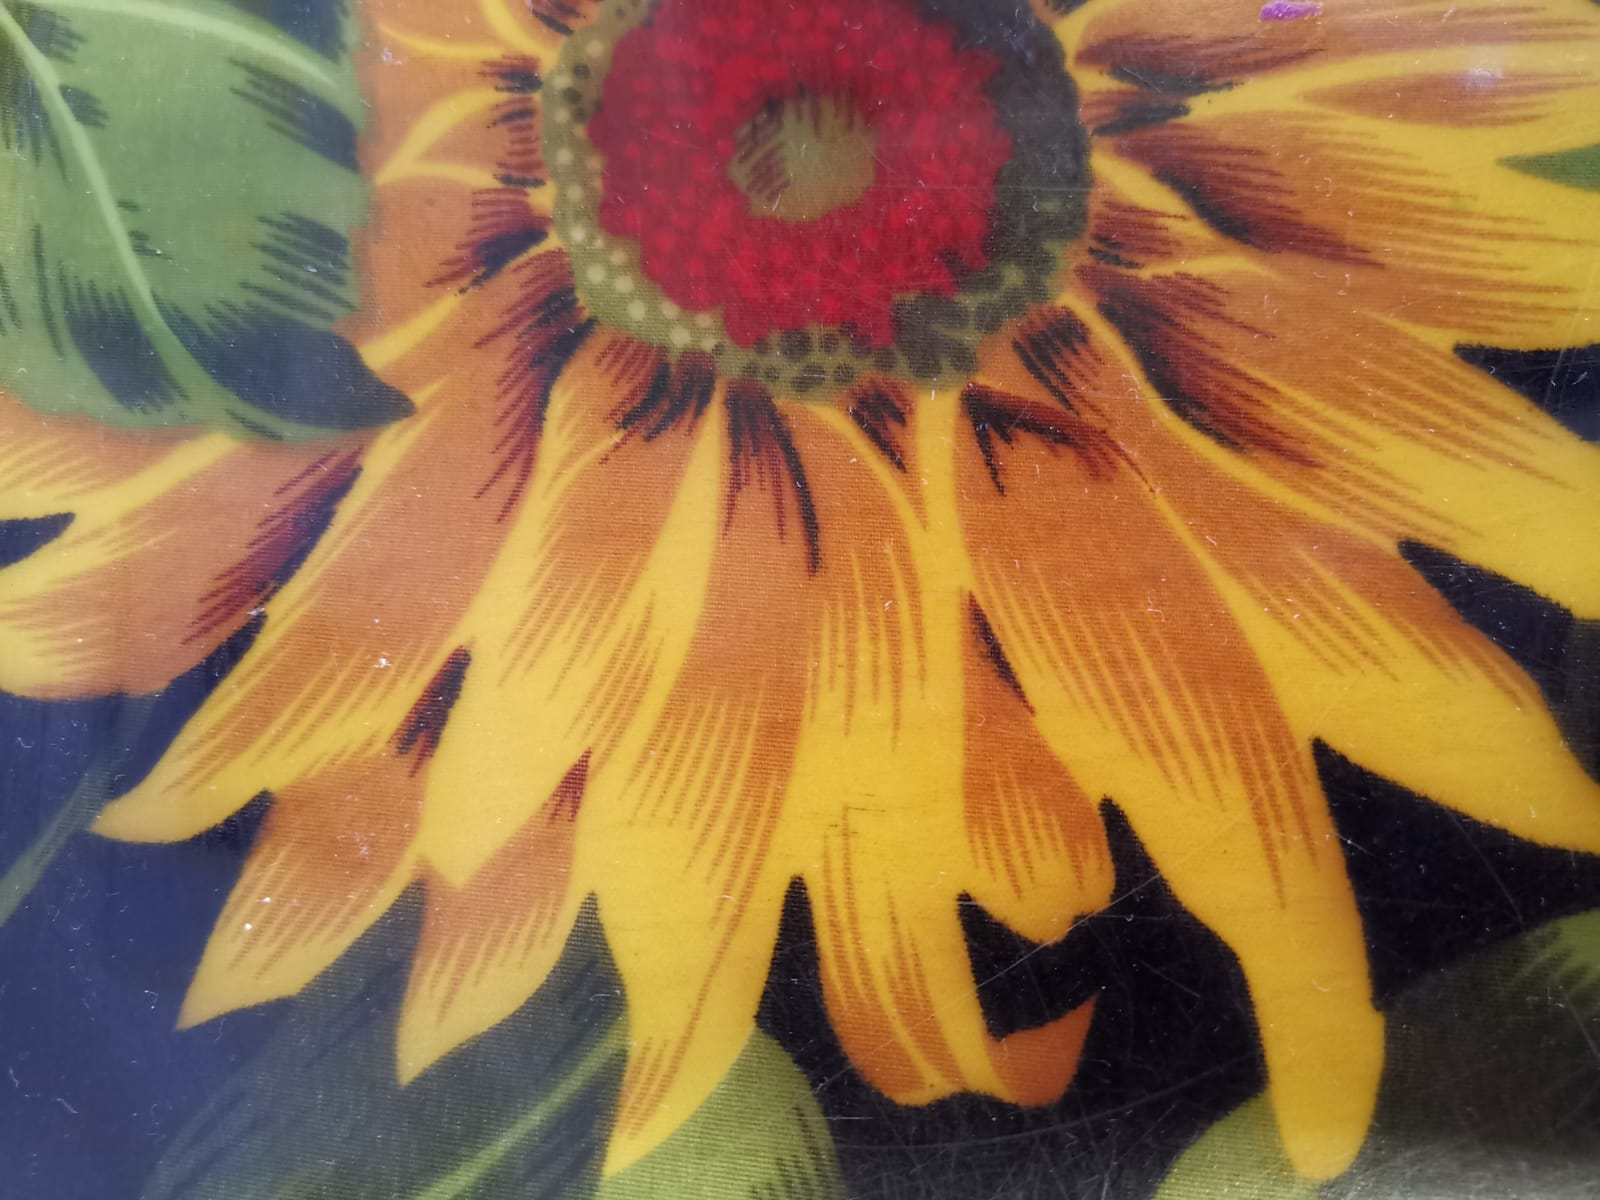 Die Sonnenblume auf dem Tablett